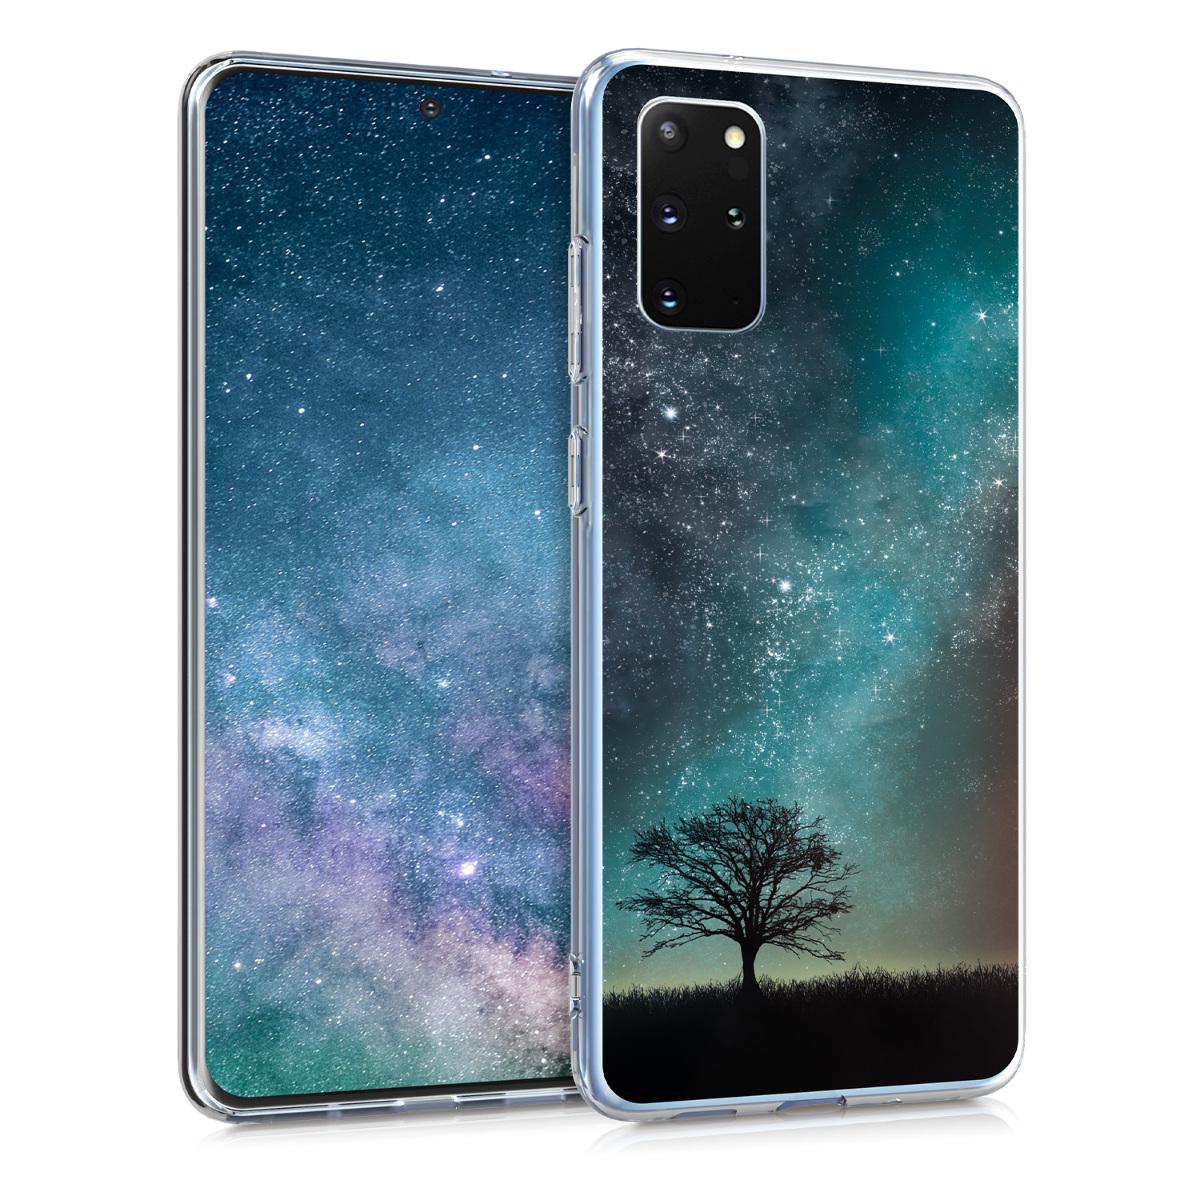 Silikonové pouzdro / obal s motivem hvězdné oblohy vesmíru  pro Samsung S20 Plus